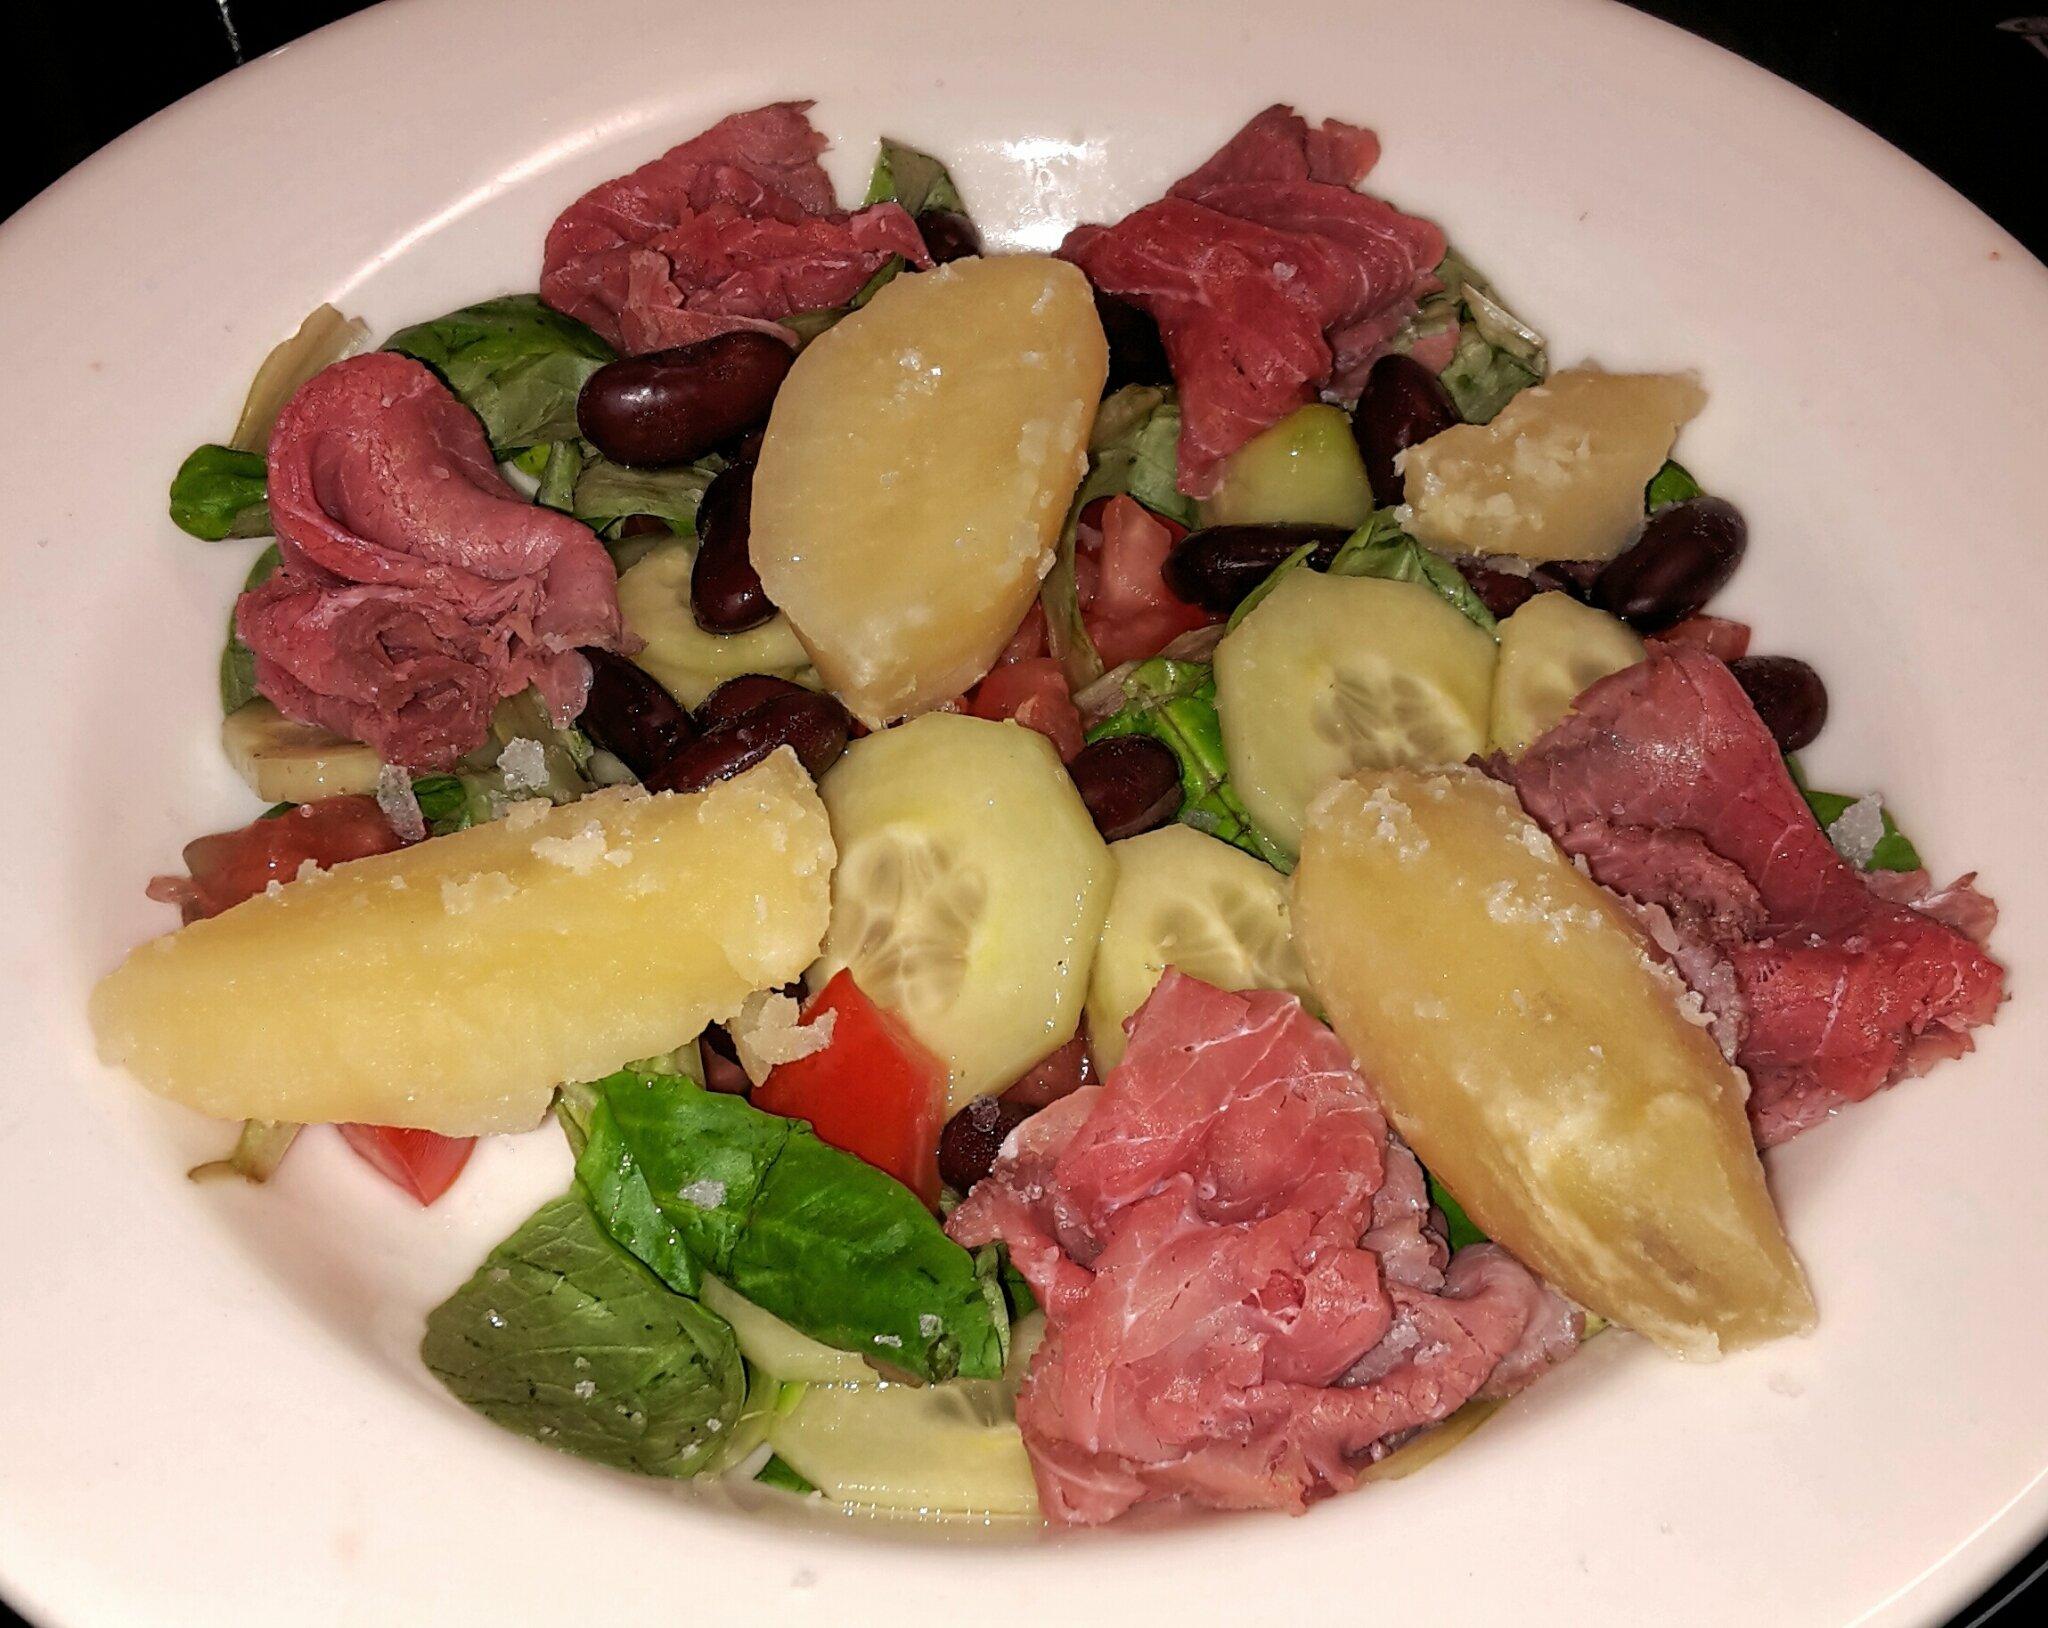 Salade de carpaccio de boeuf quand le r gime reste gourmand - Quand repiquer les salades ...